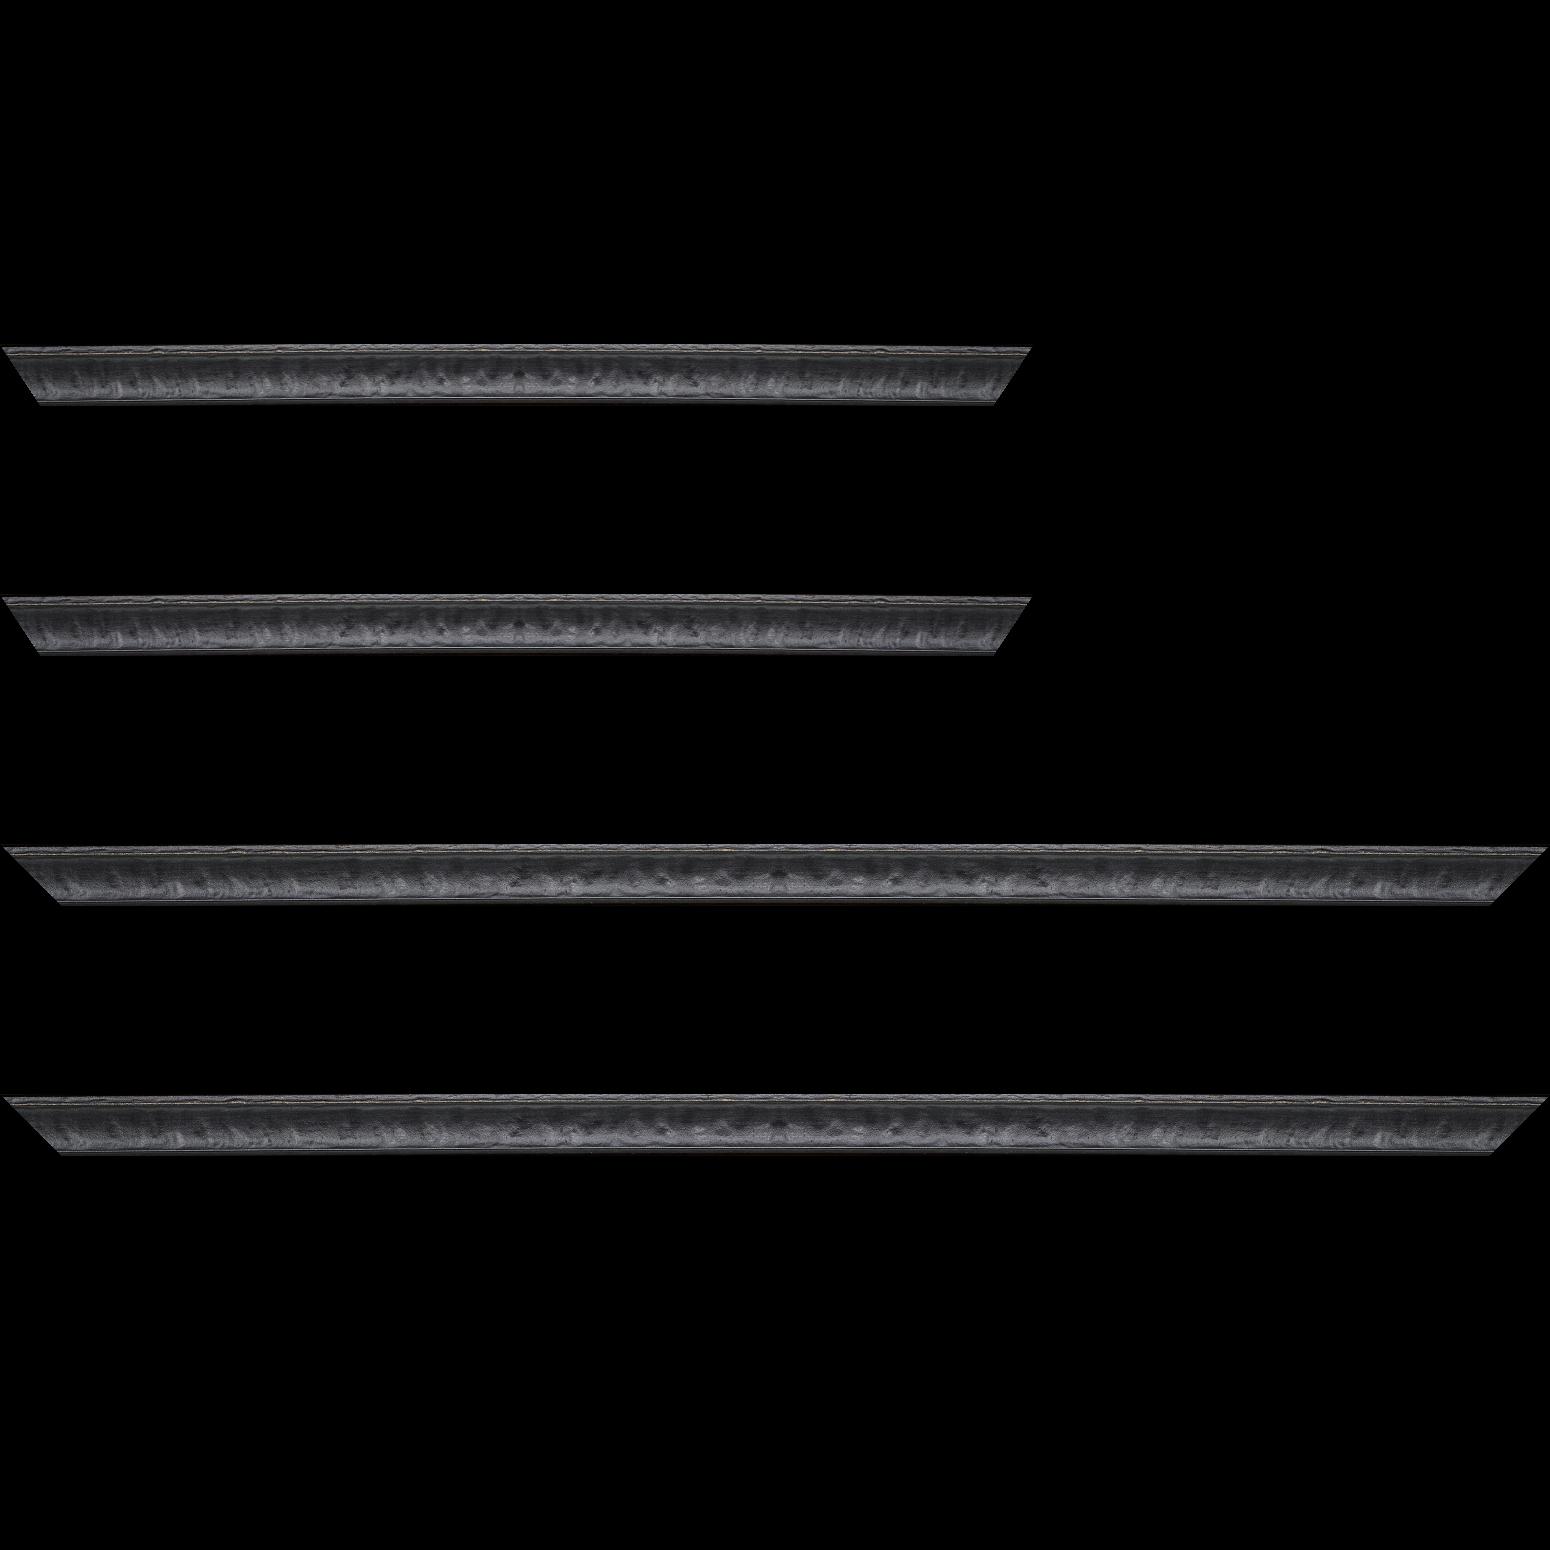 Baguette service précoupé Bois profil incurvé largeur 2cm couleur noir antique bosselé